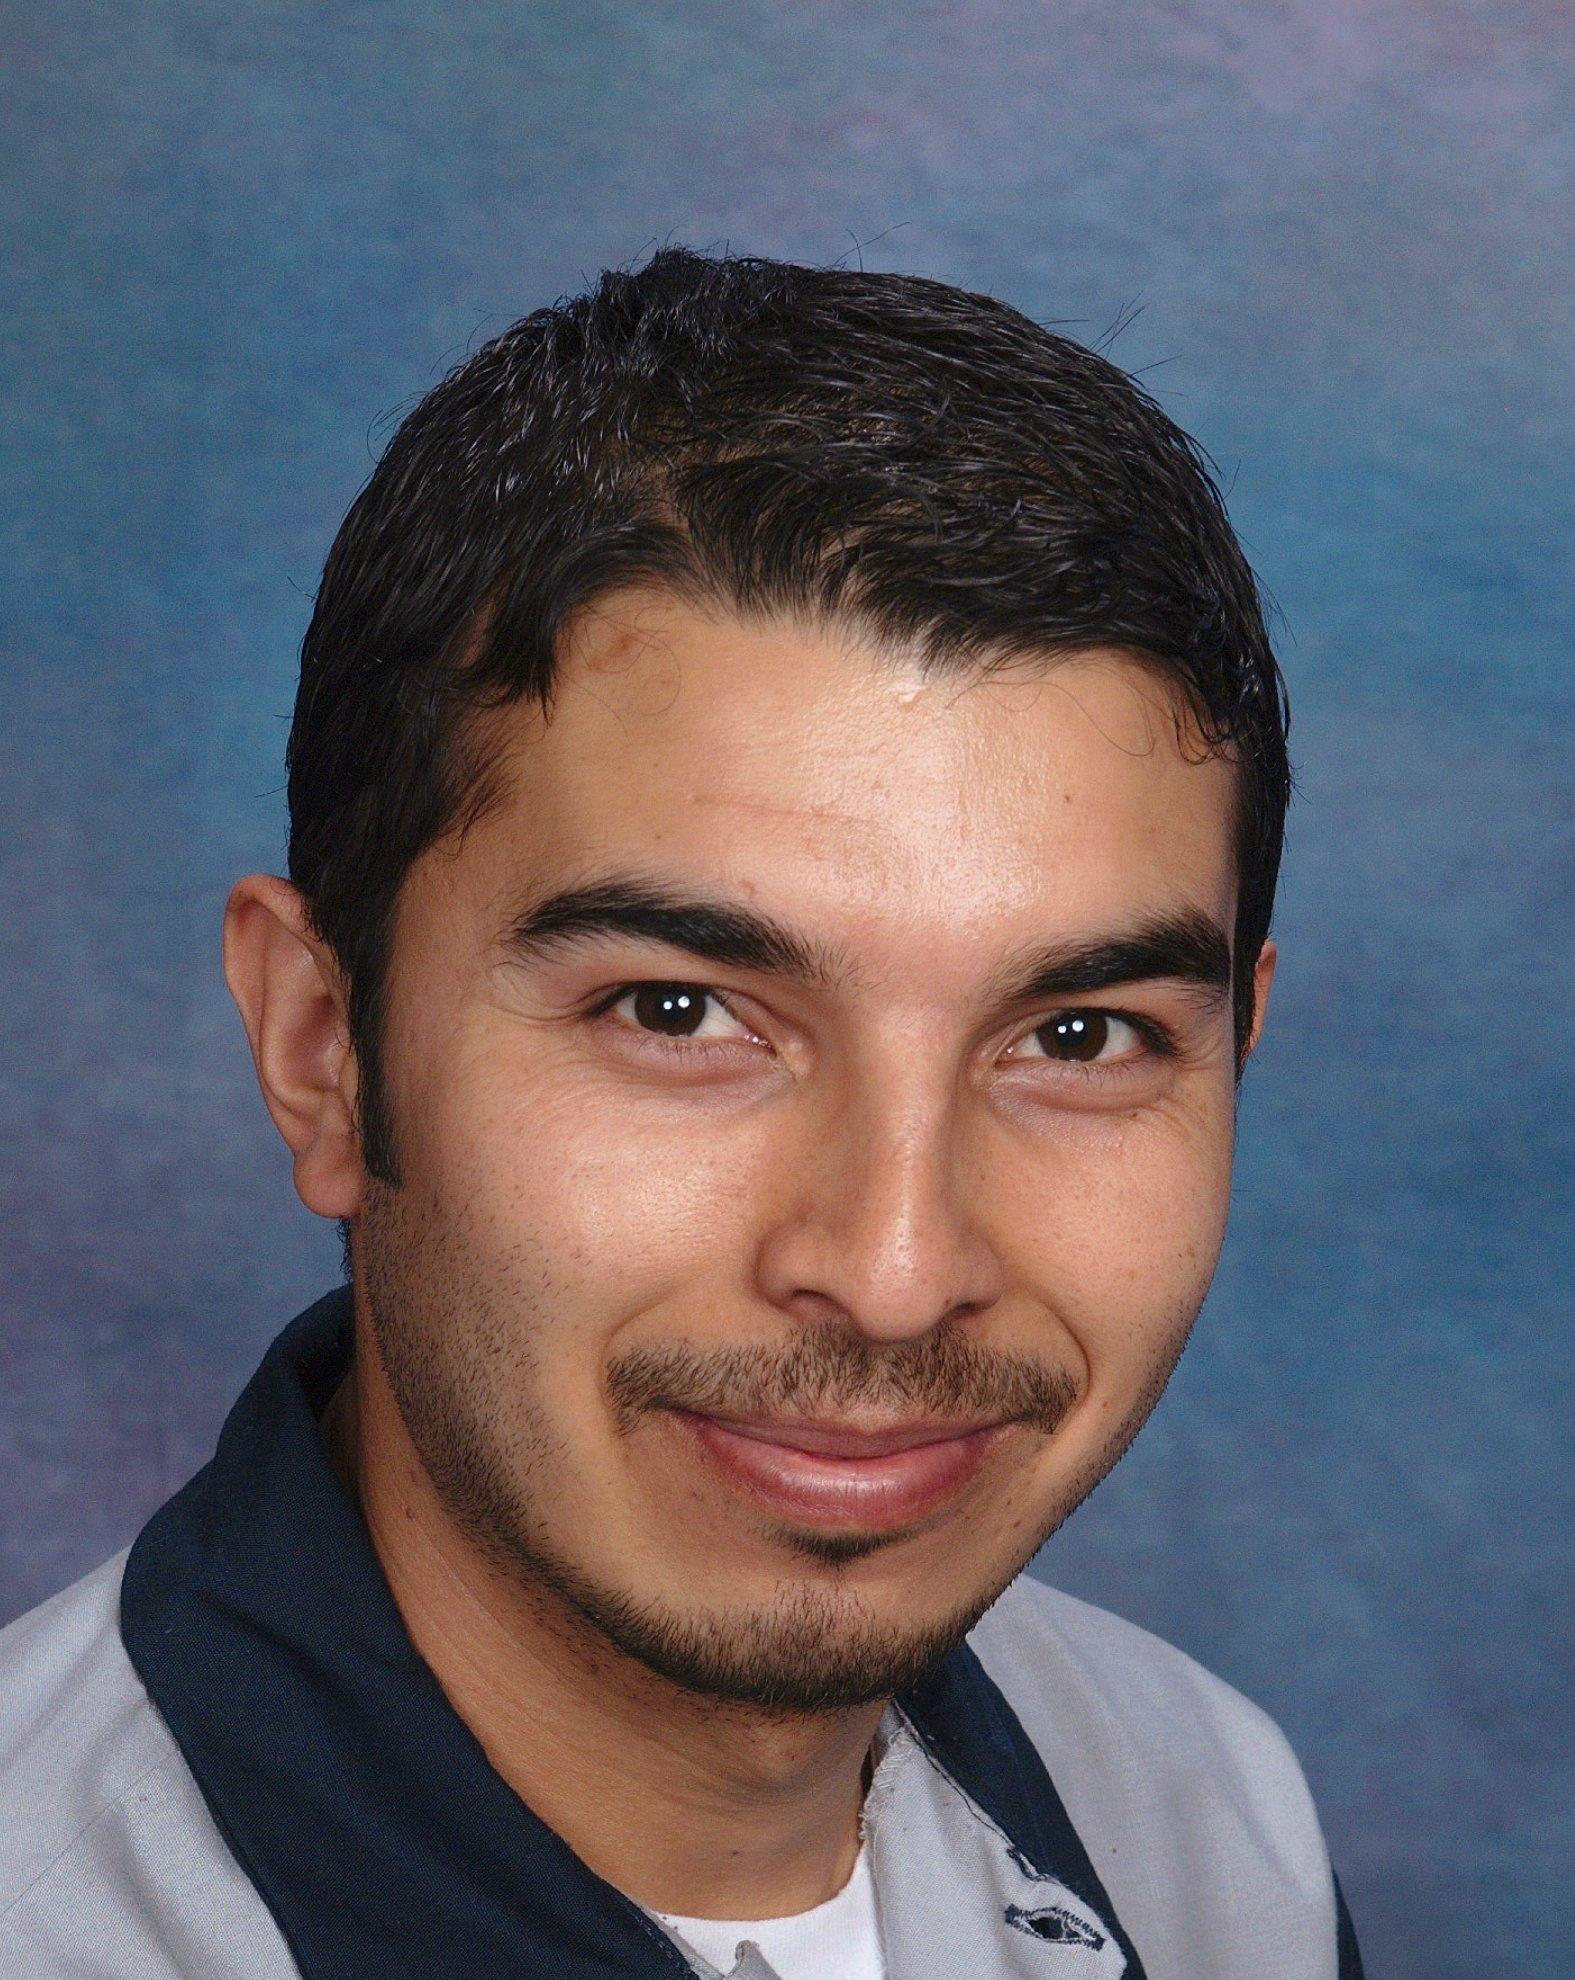 Jorge Rios - Service Technician